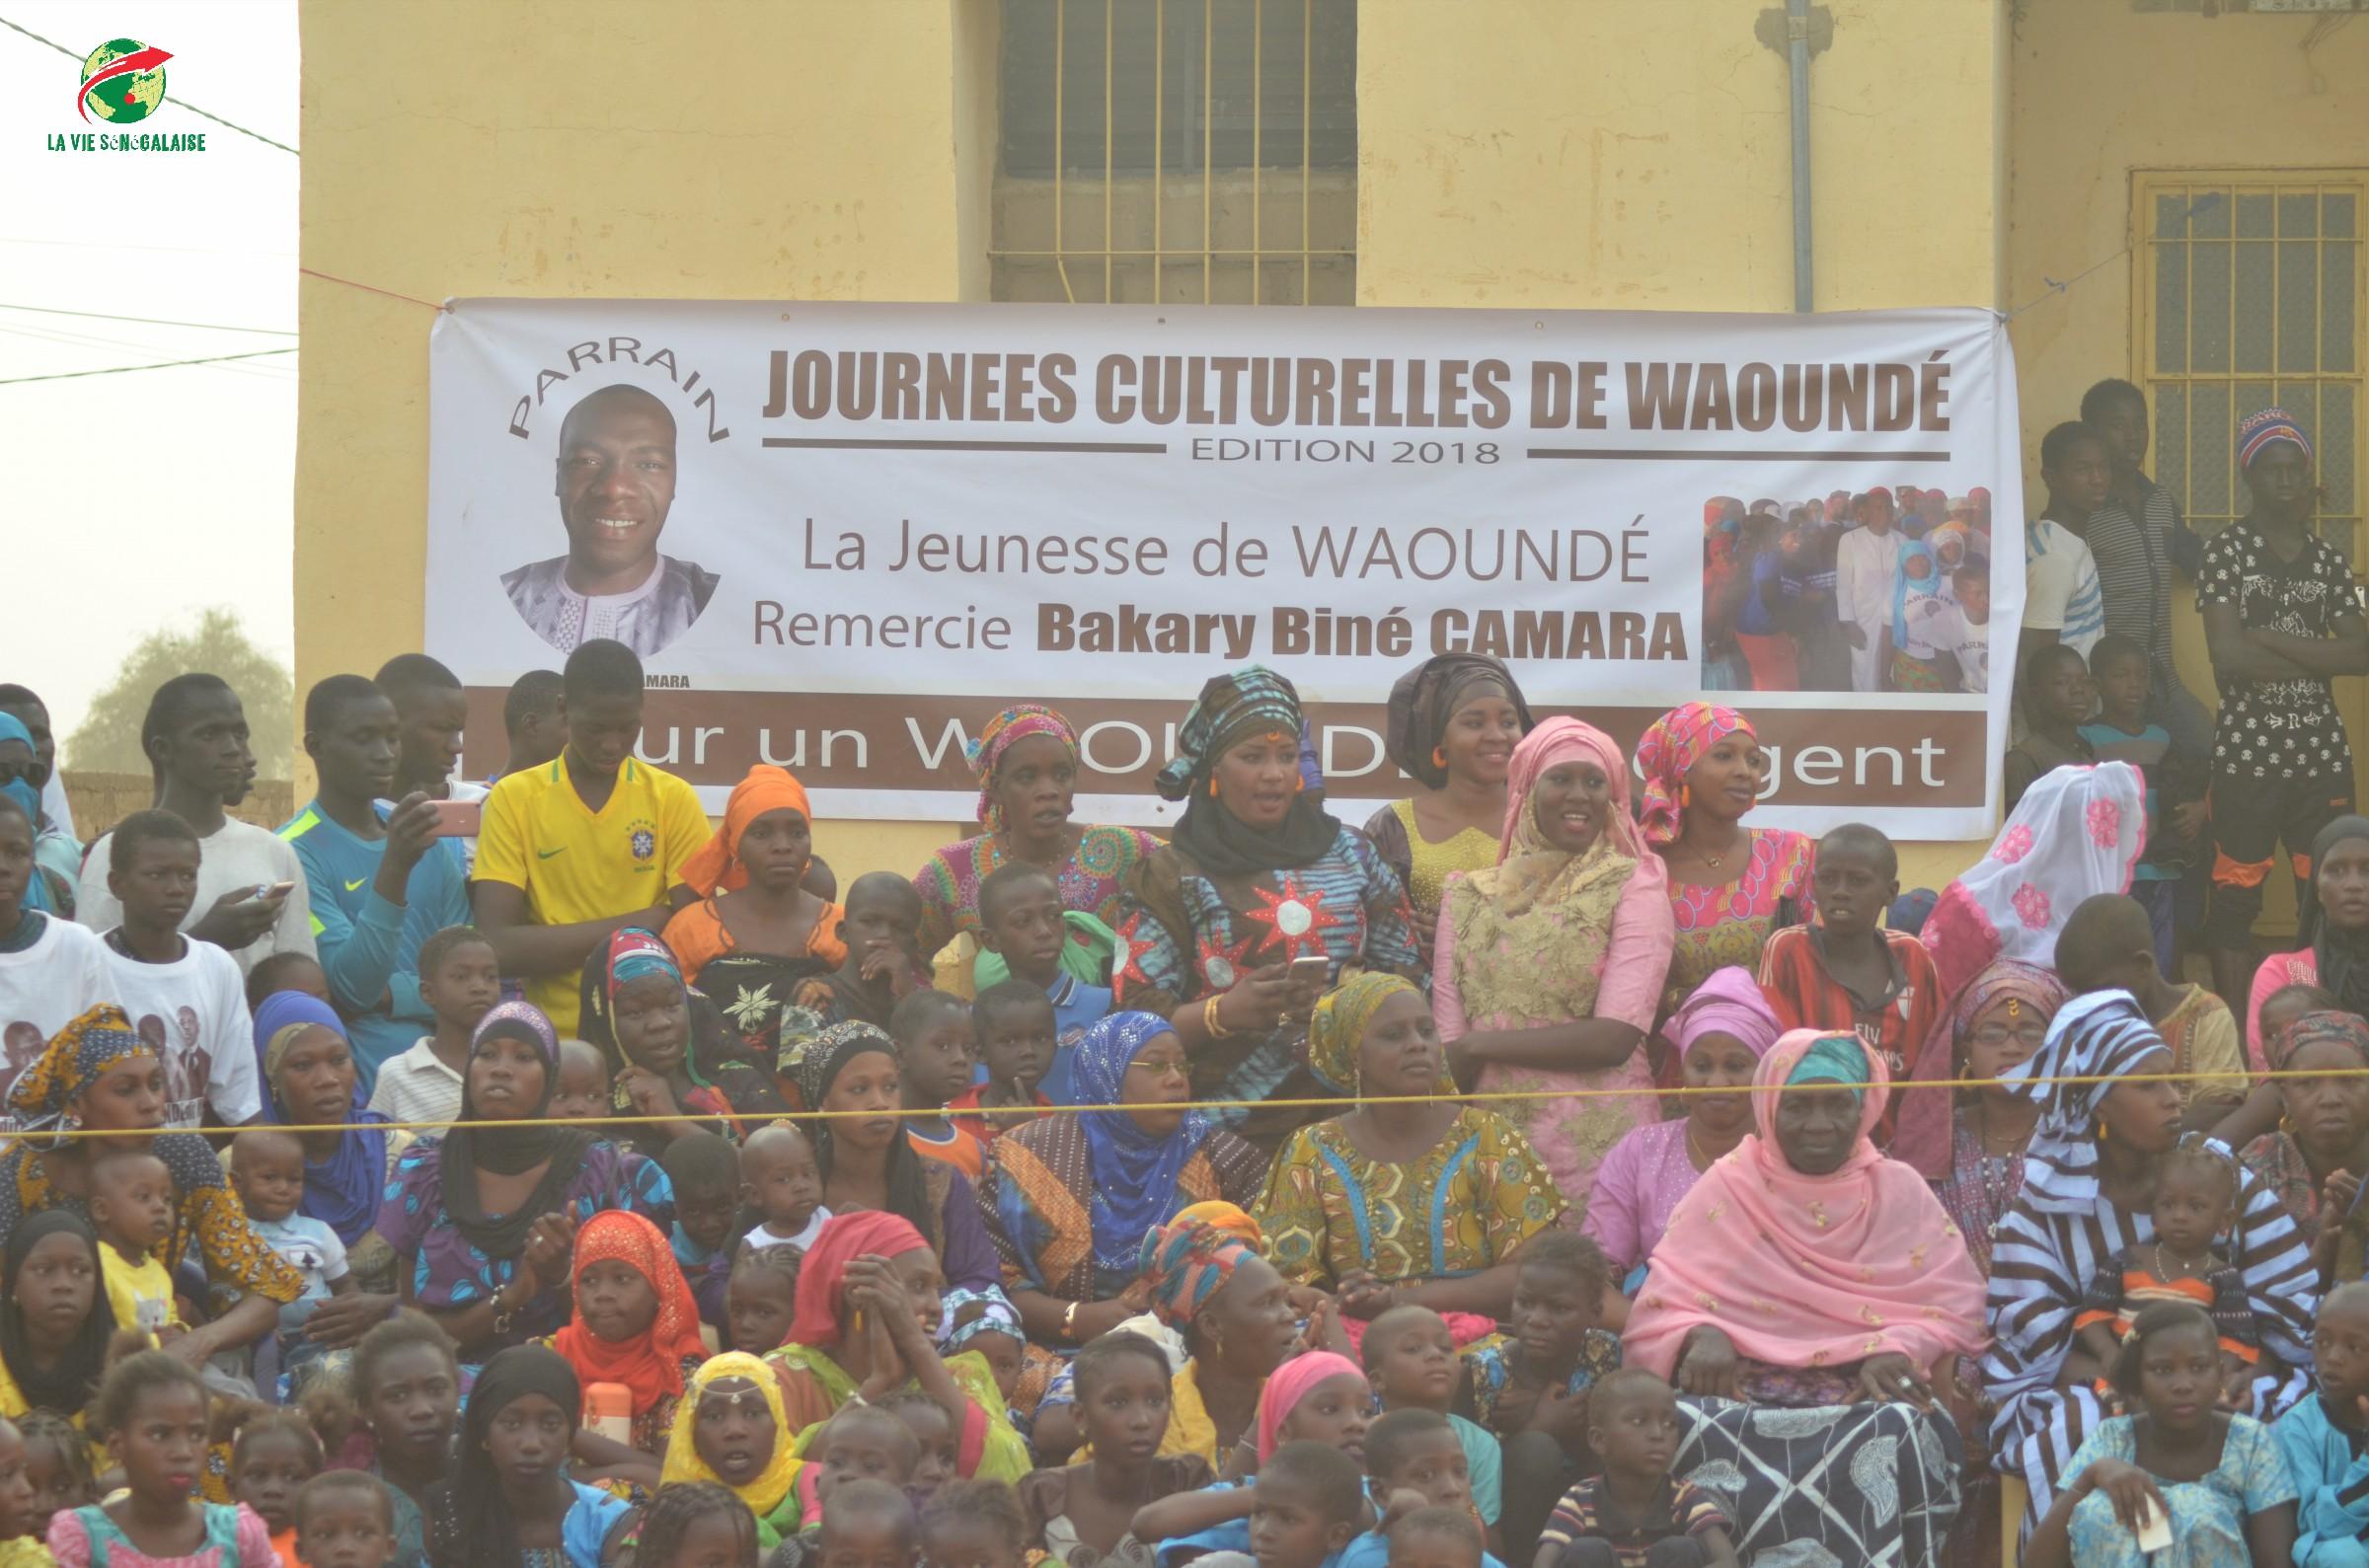 Journées Culturelles Waoundé, Parrain Bakary Biné Camara, Images de laviesenegalaise (28)